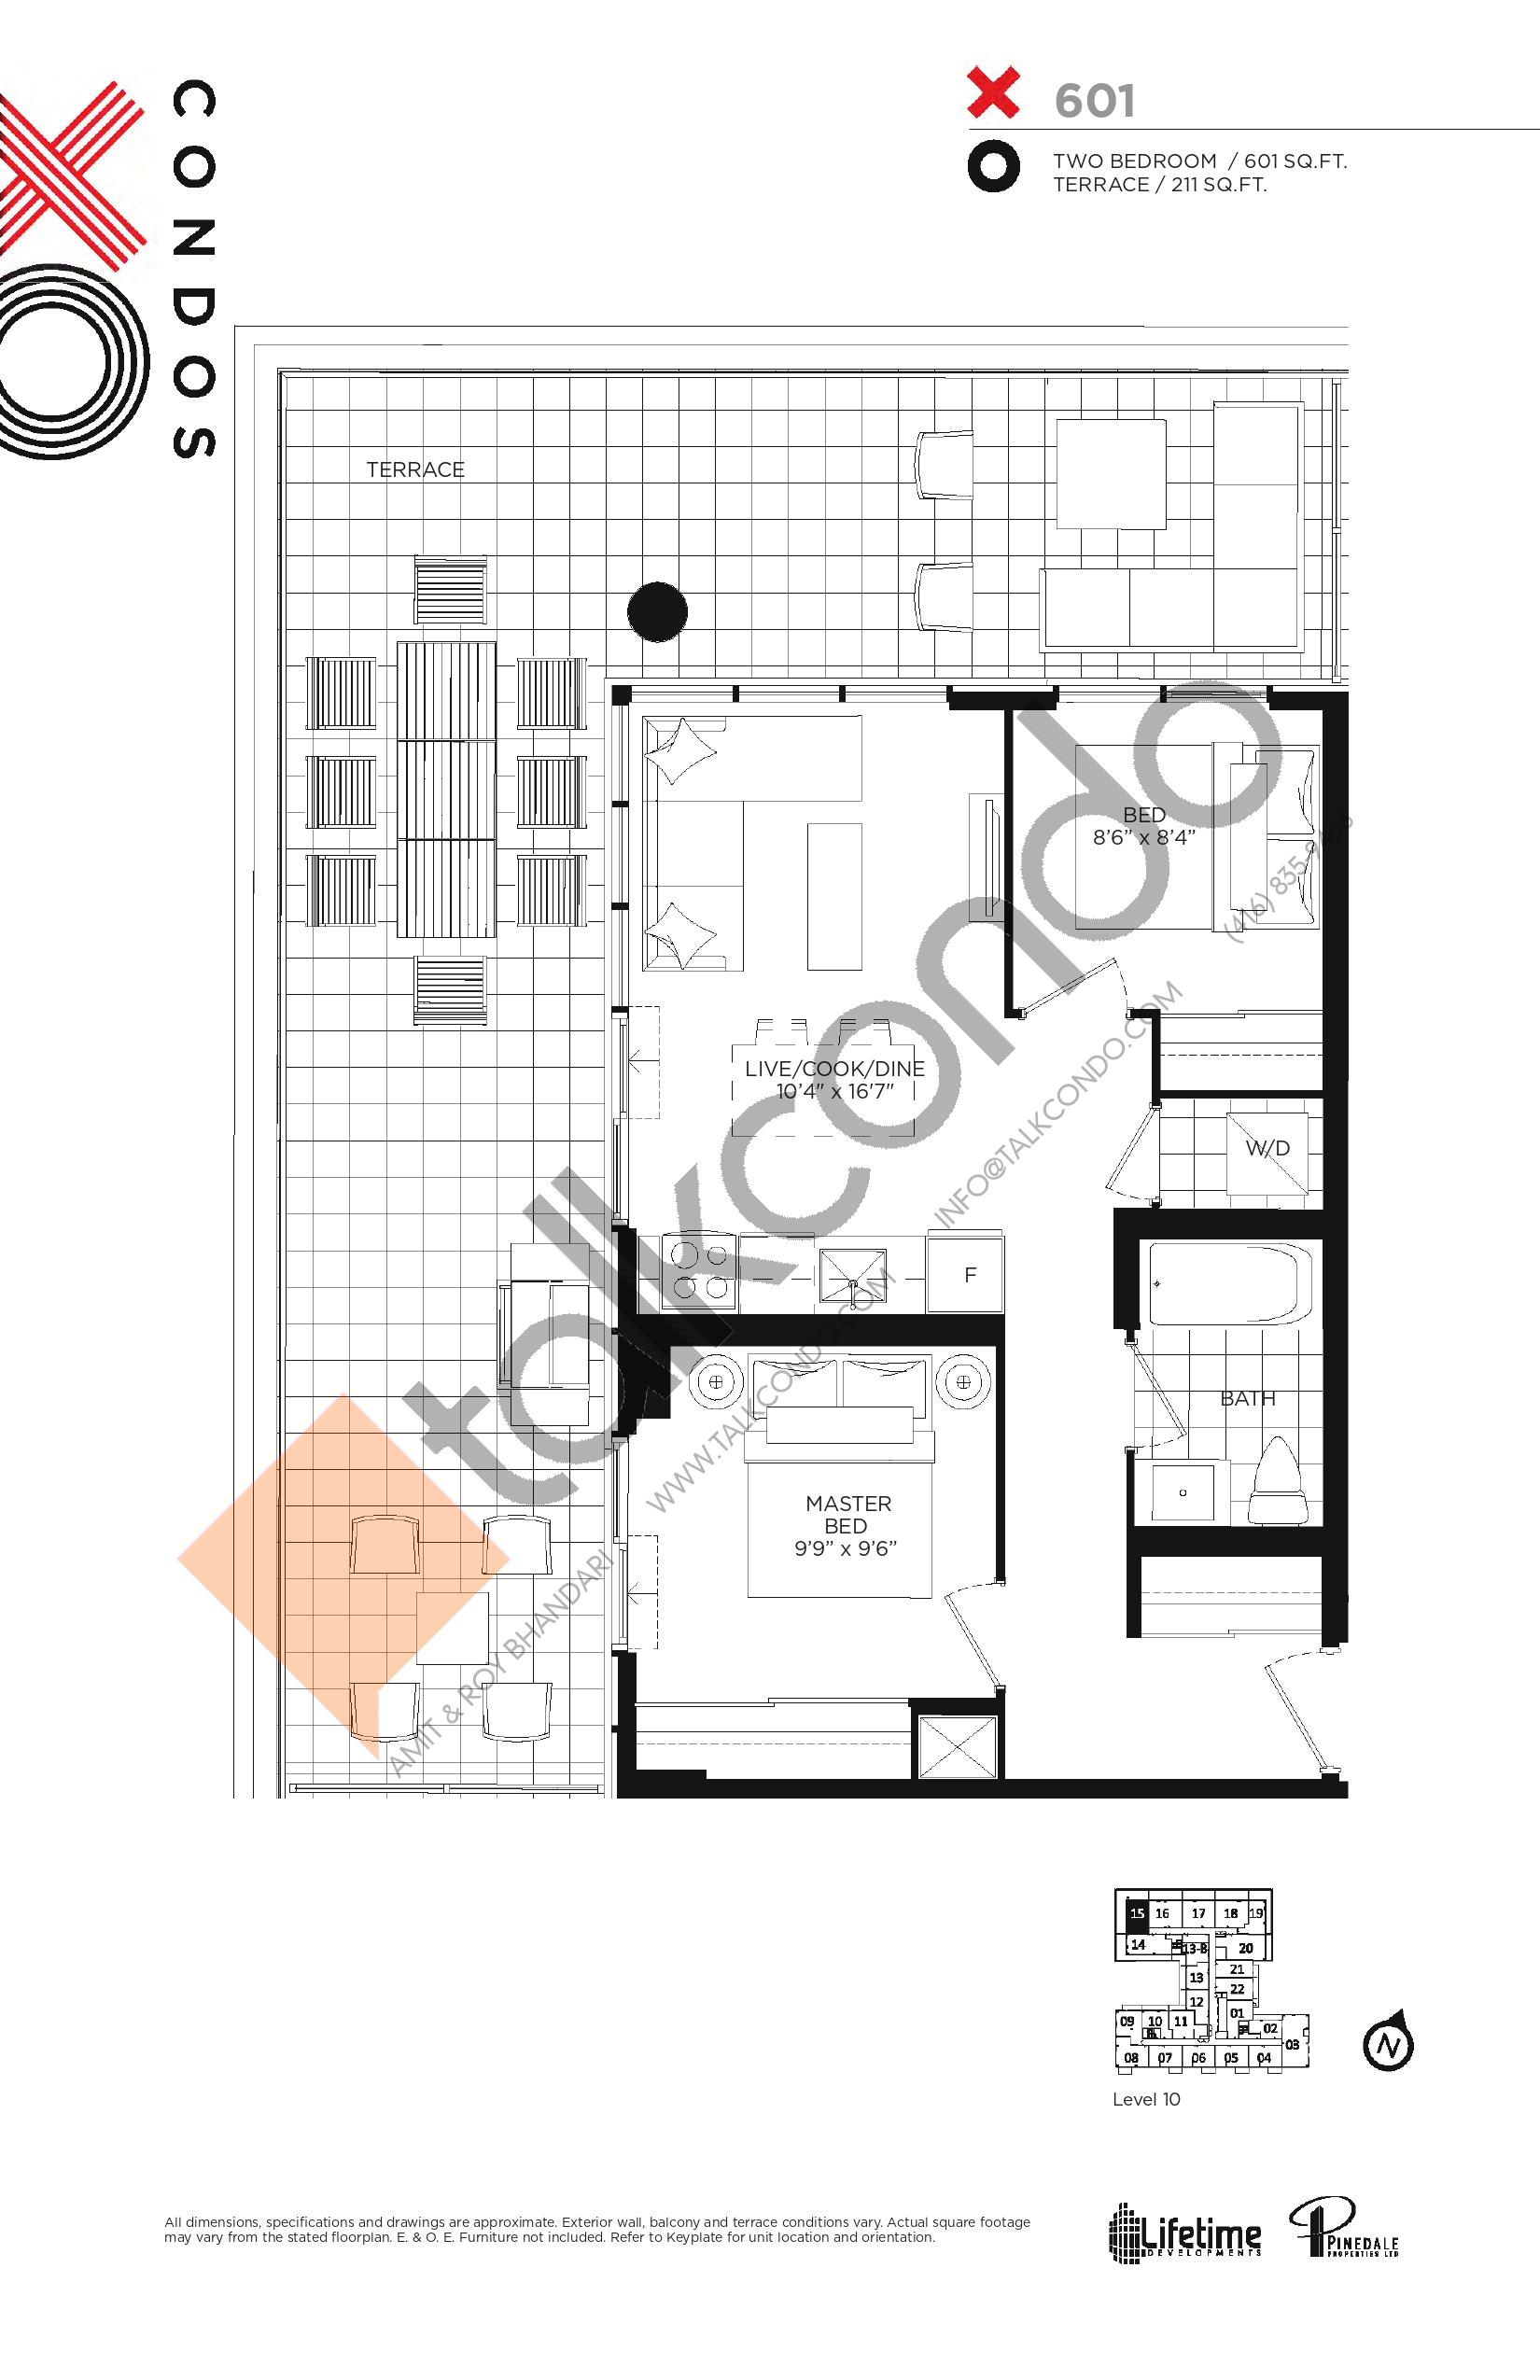 X601 Floor Plan at XO Condos - 601 sq.ft